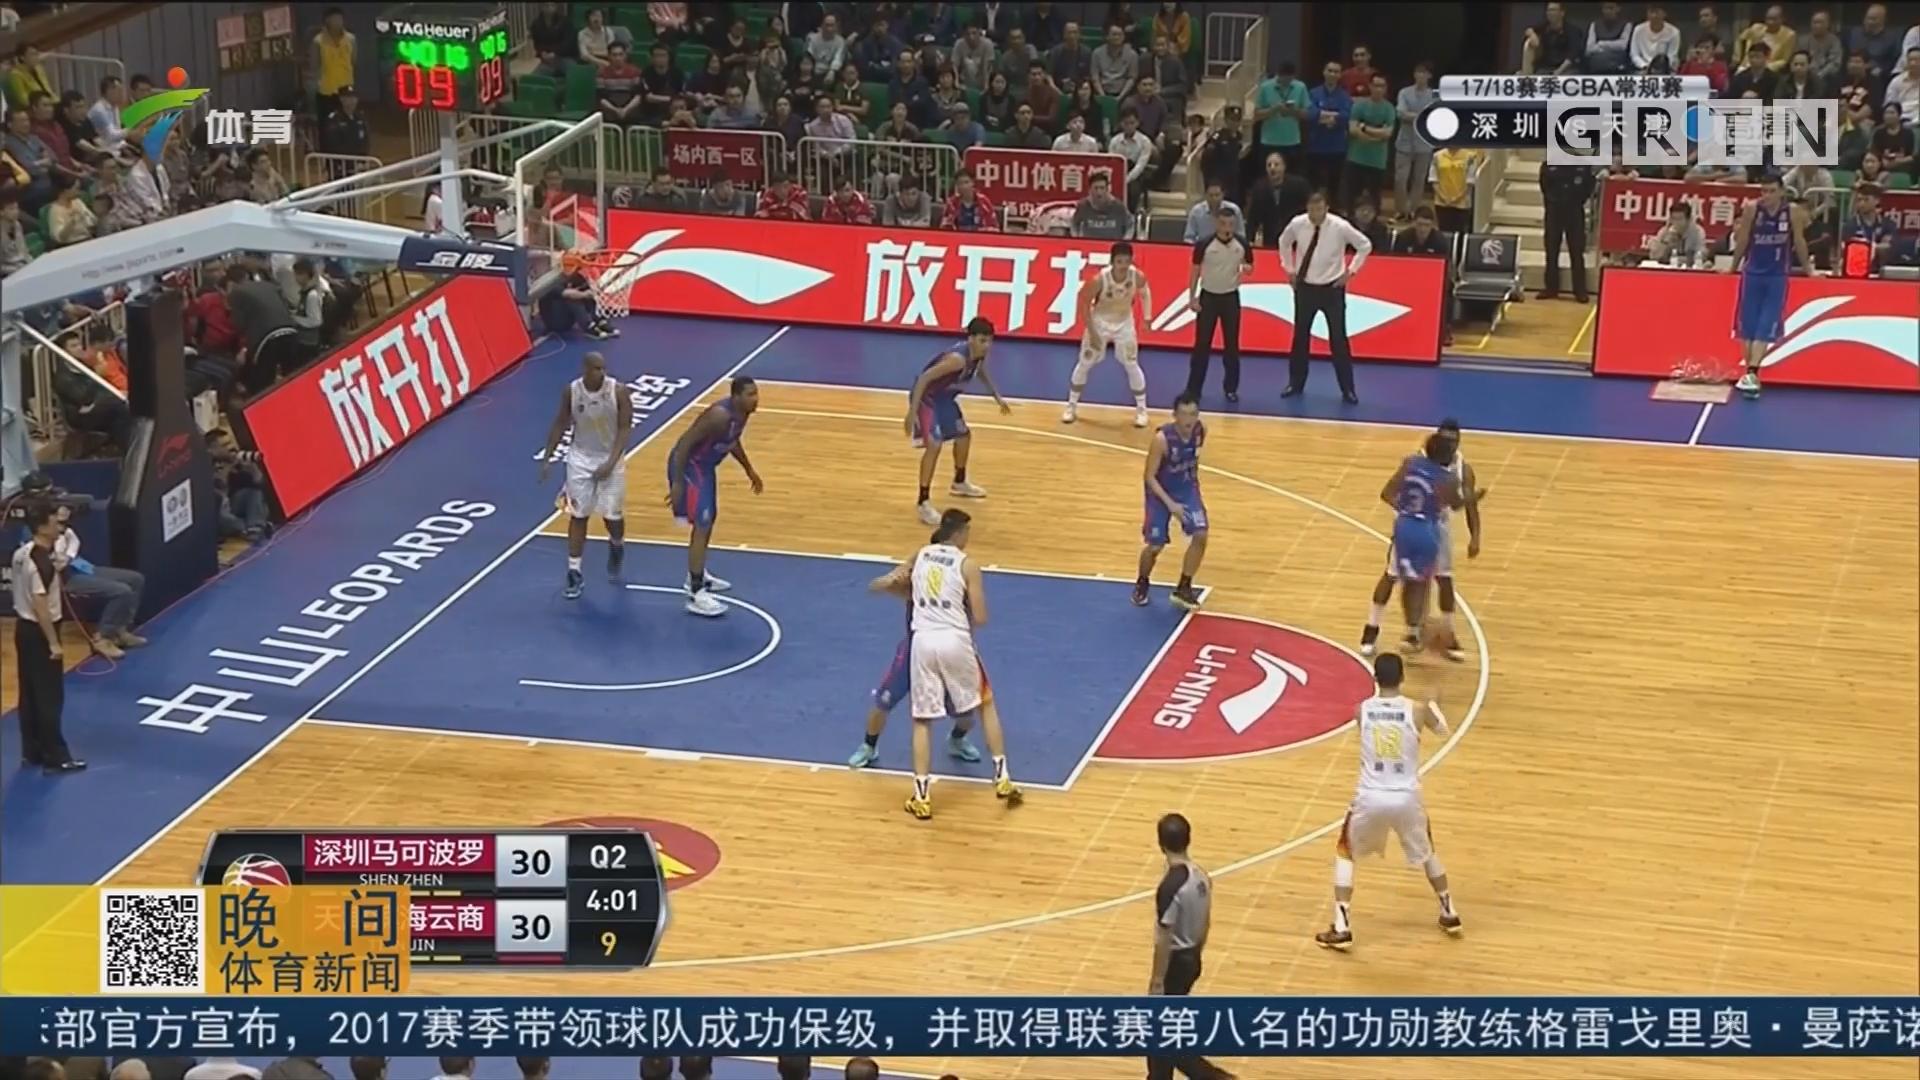 小外援末节发威 深圳主场大胜天津